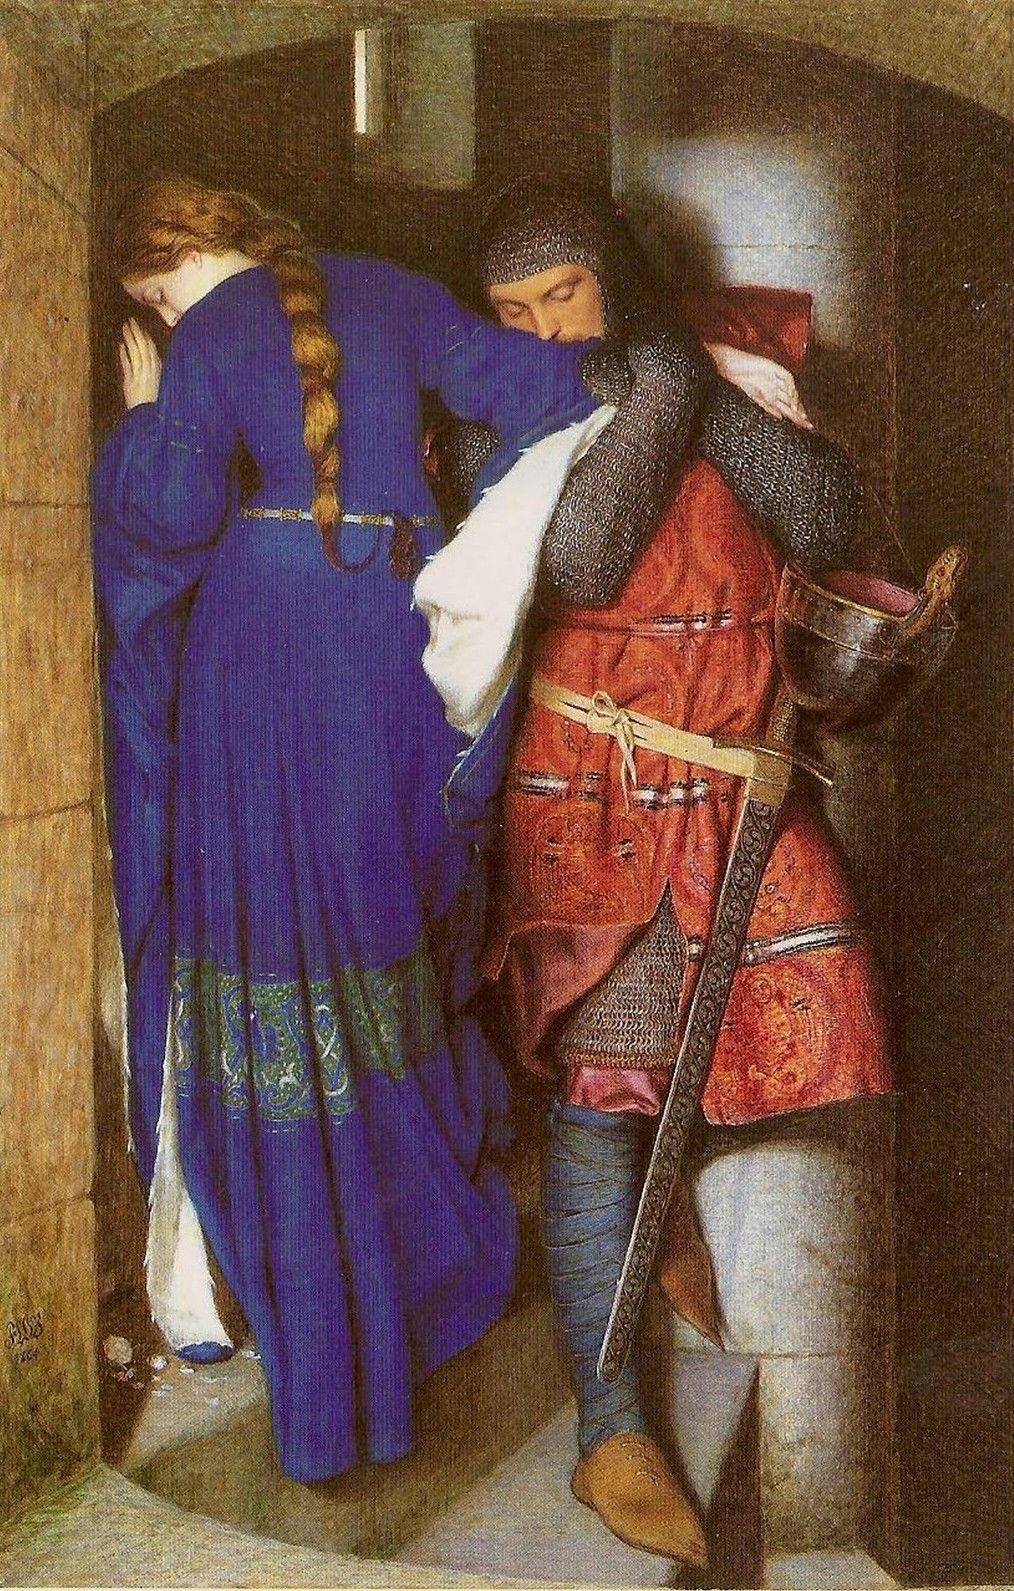 """Merlin ostrzegał Artura, że """"biała uwodzicielka"""" zdradzi go z najlepszym z jego rycerzy. Obraz Fredericka Williama Burtona """"Hellelil i Hildebrand, spotkanie na schodach wieży"""", 1864 r."""